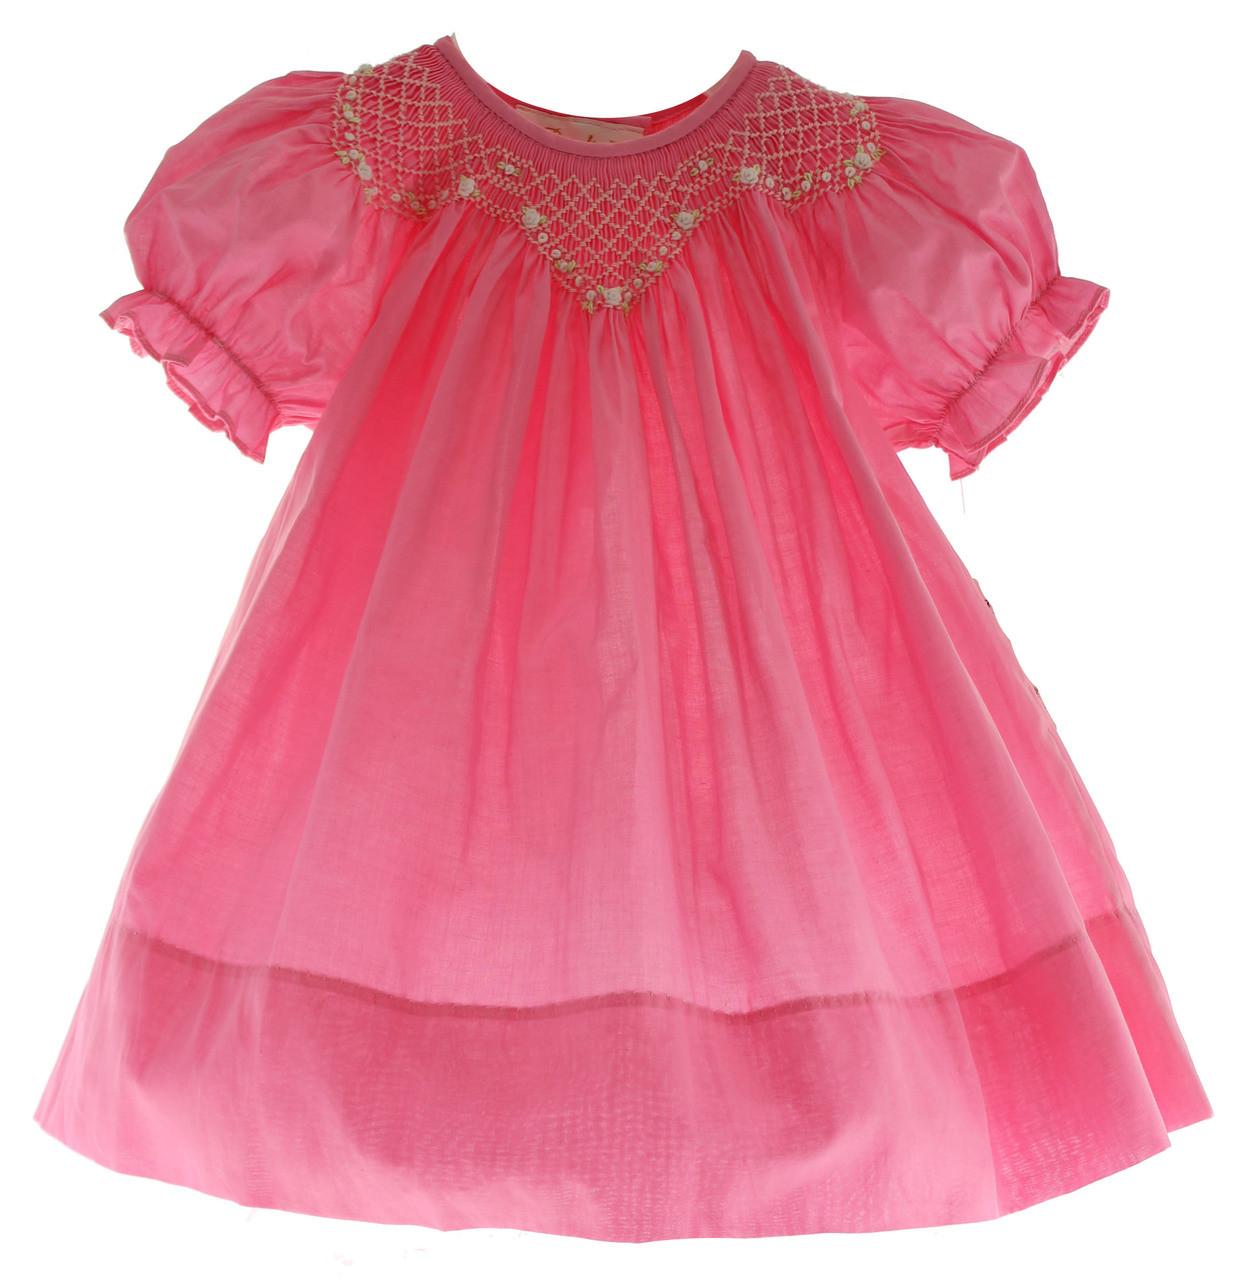 fd106d14c Girls Hot Pink Smocked Bishop Dress Rosalina - Hiccups Childrens ...